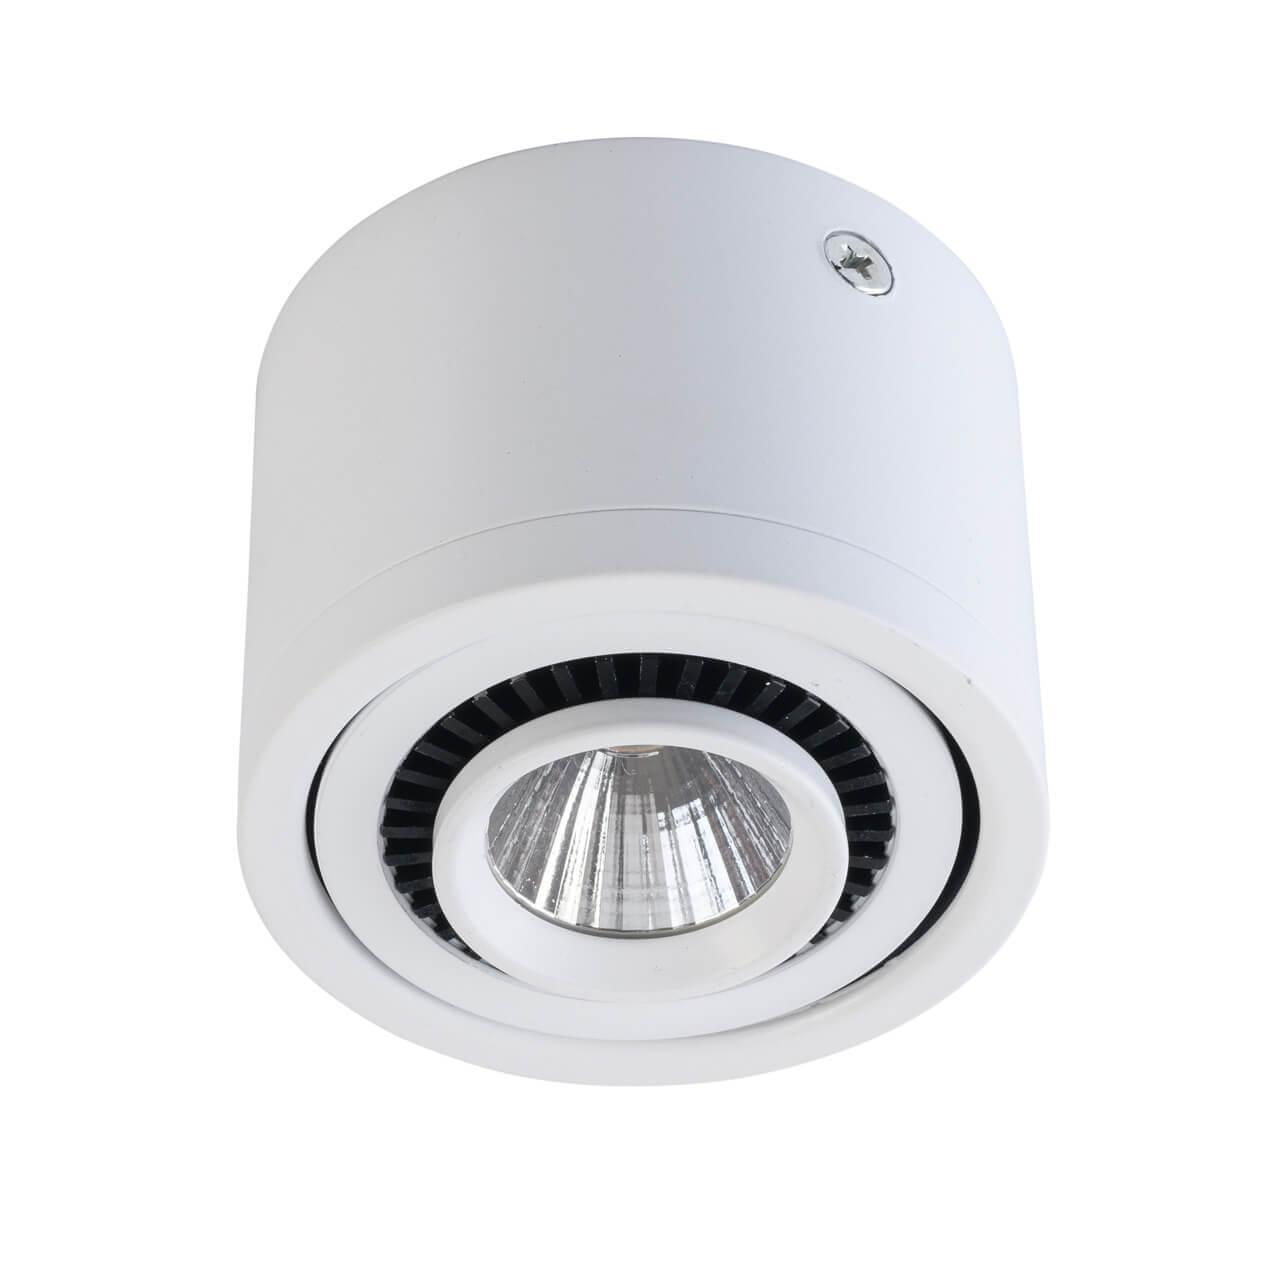 Потолочный светильник De Markt 637017101, белый цена